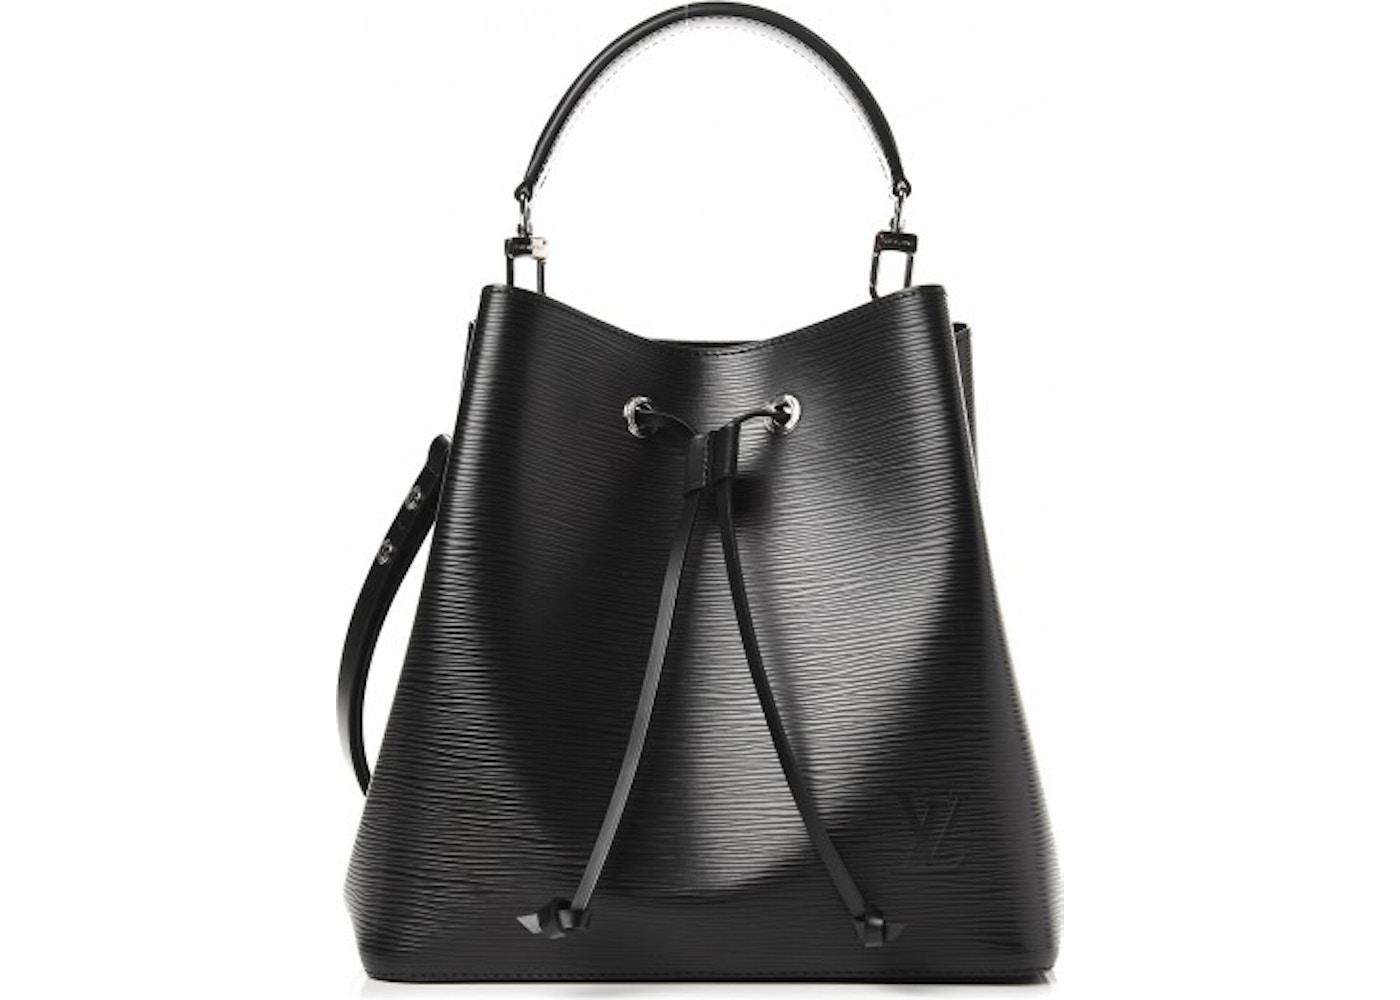 df548a7ce637 Louis Vuitton Bucket Bag Neonoe Epi Noir Black. Epi Noir Black